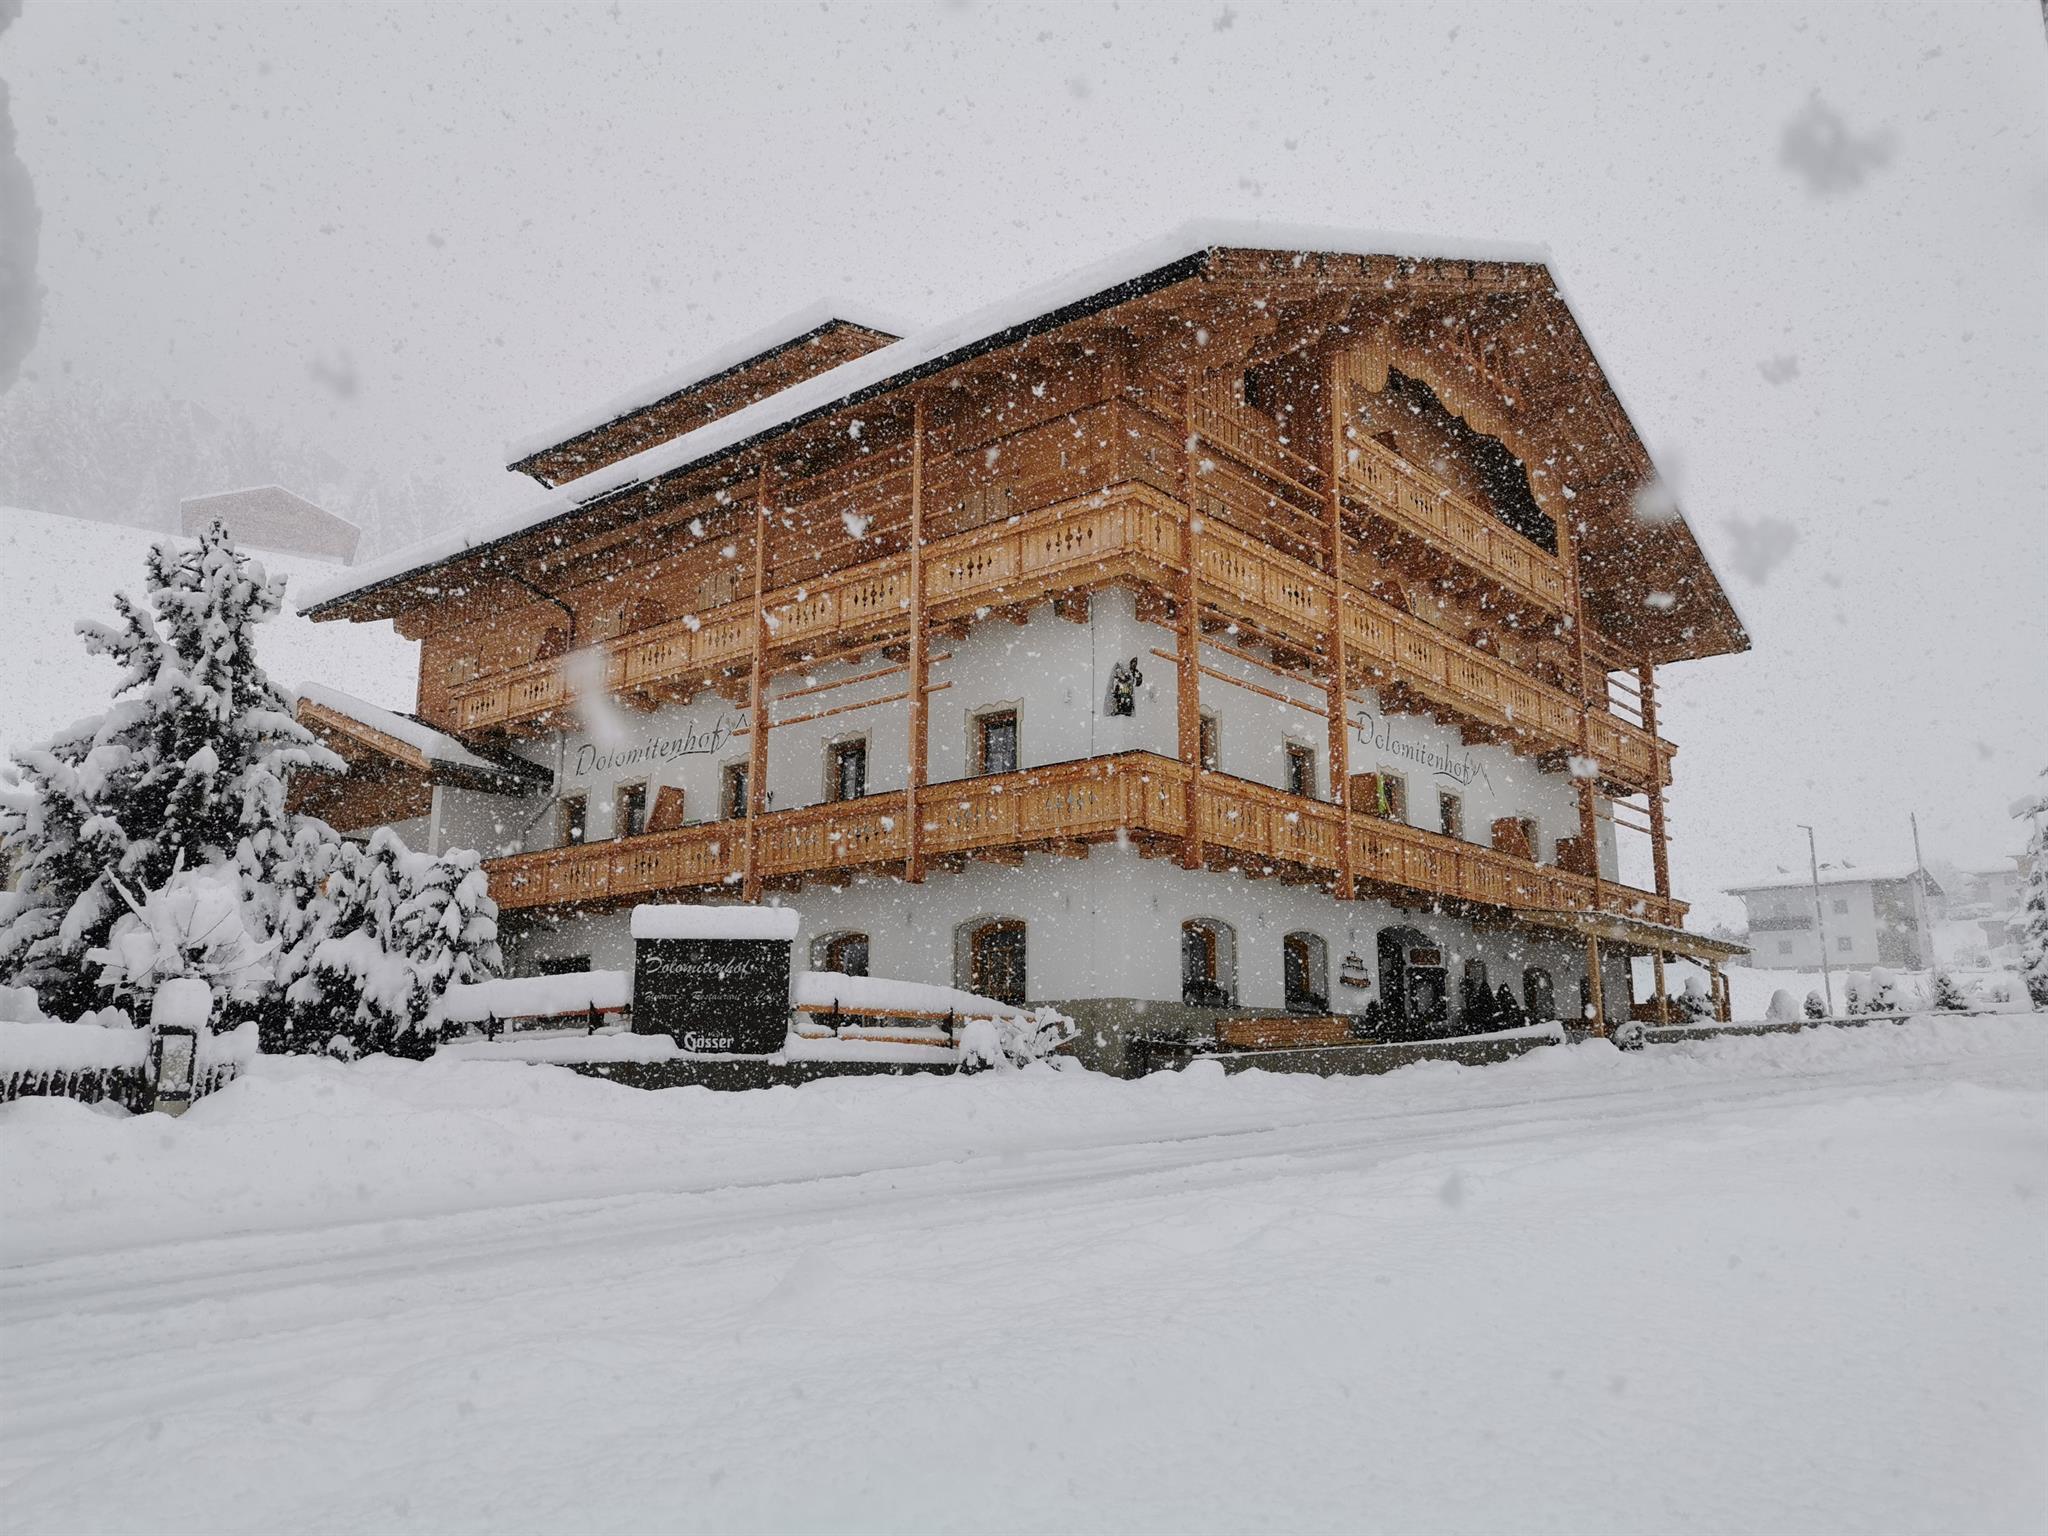 Dolomitenhof-neu-Winter.jpg